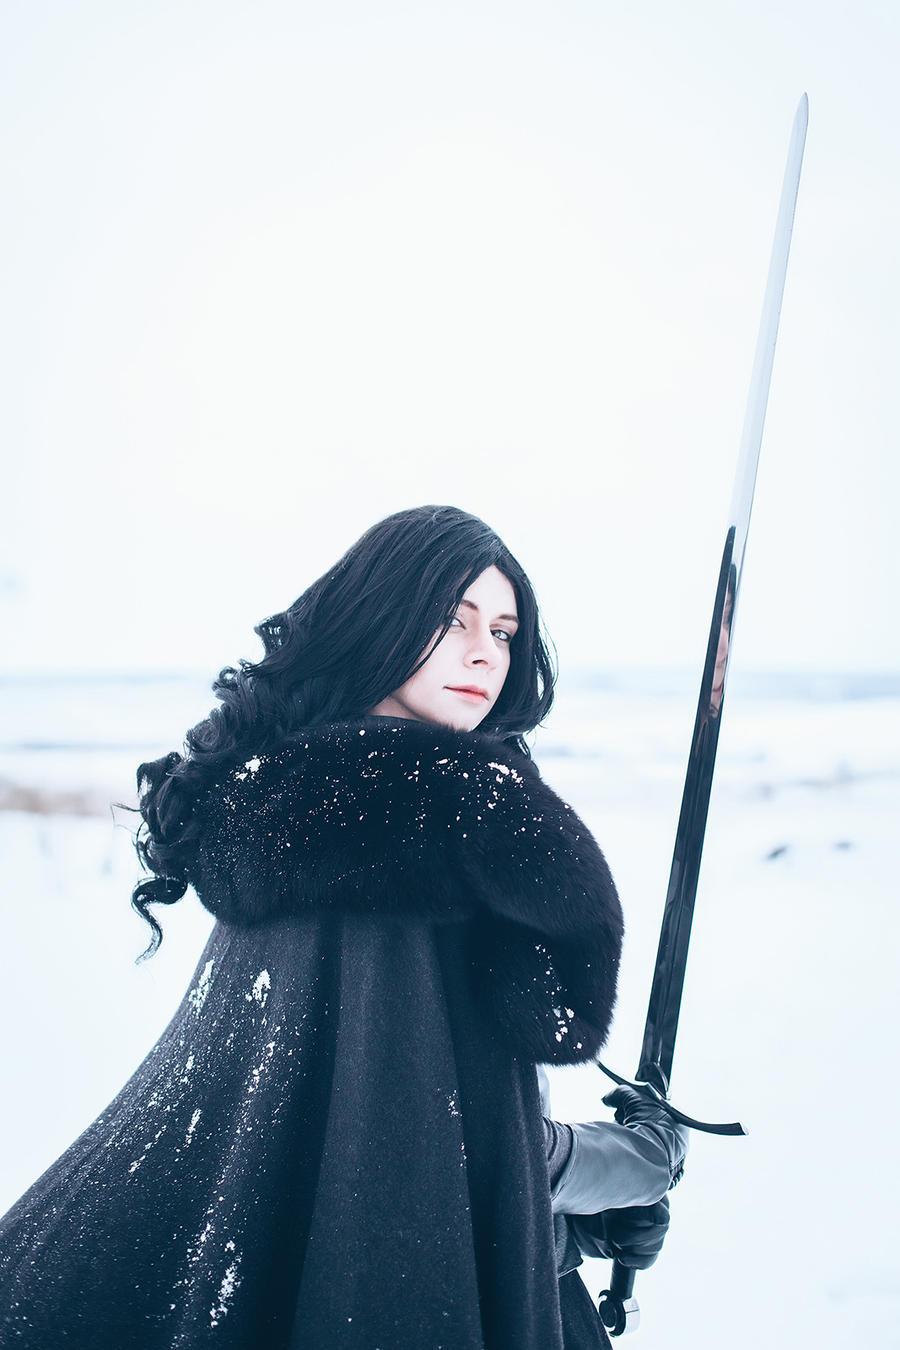 Winter is here. by Fealin-Meril